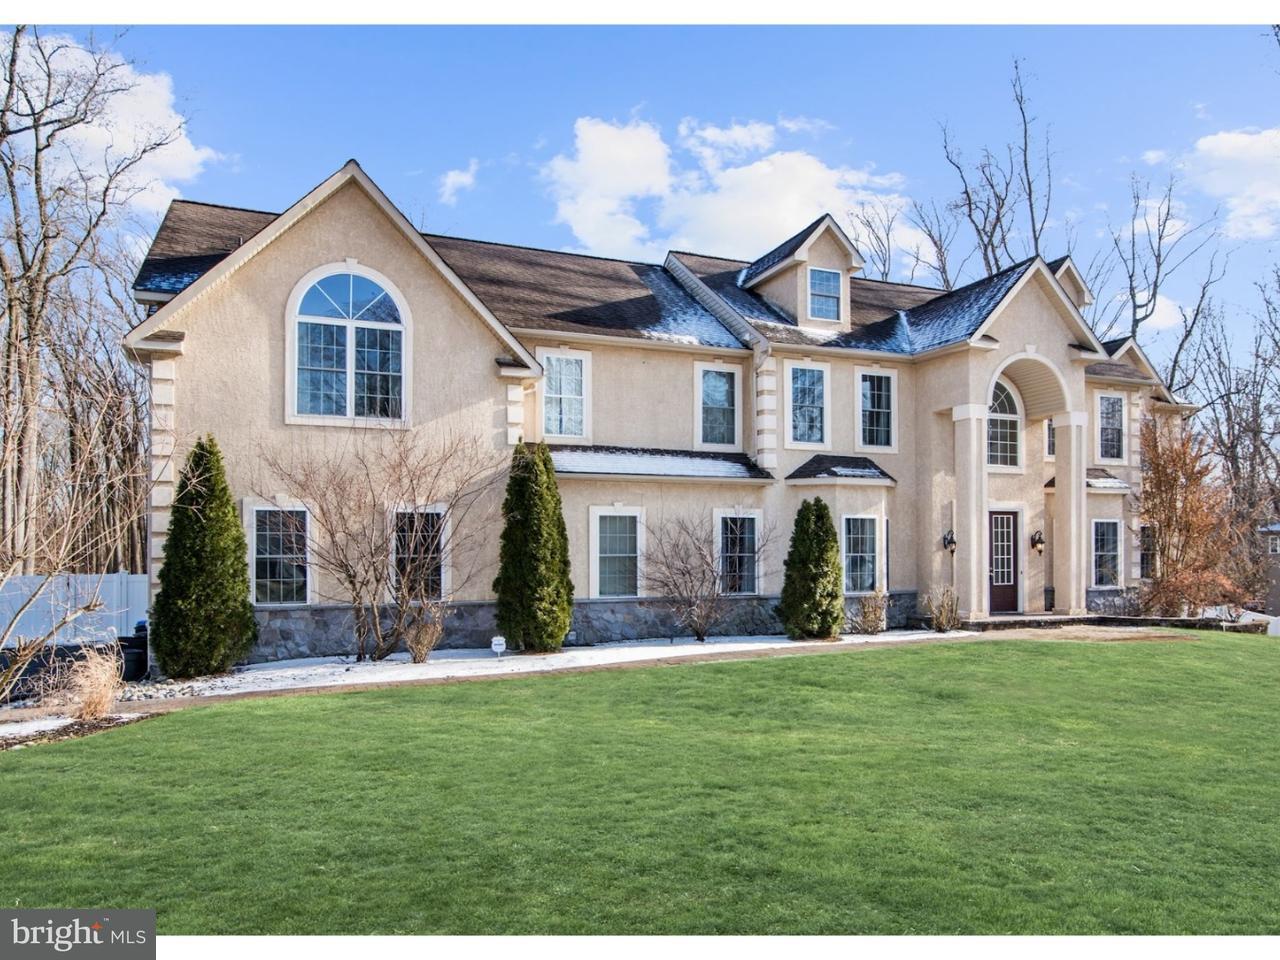 Maison unifamiliale pour l Vente à 127 ERICA Drive Swedesboro, New Jersey 08085 États-Unis